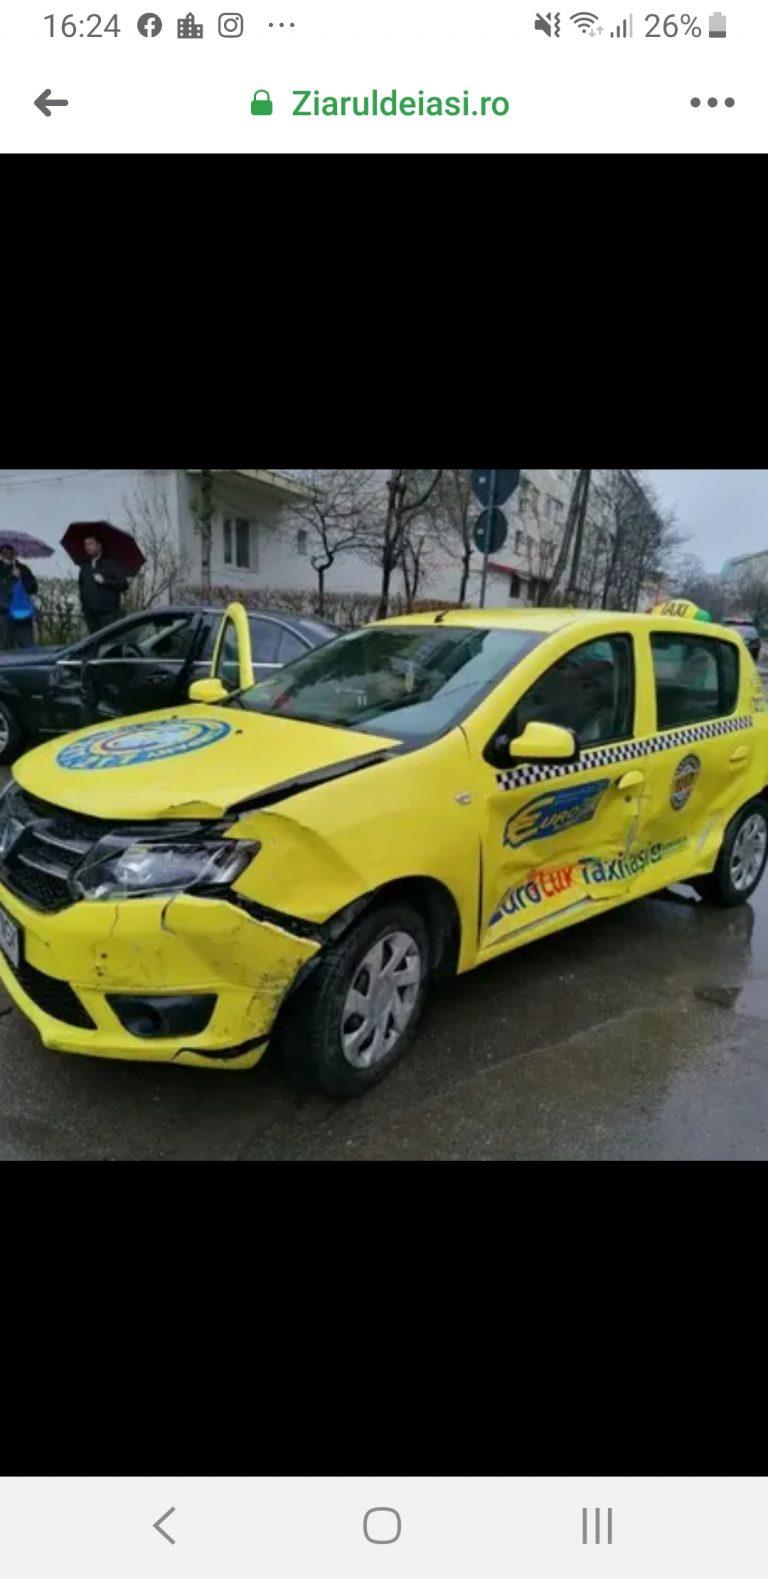 Patru mașini au fost lovite din cauza unui taximetrist care nu a oprit la indicatorul STOP!